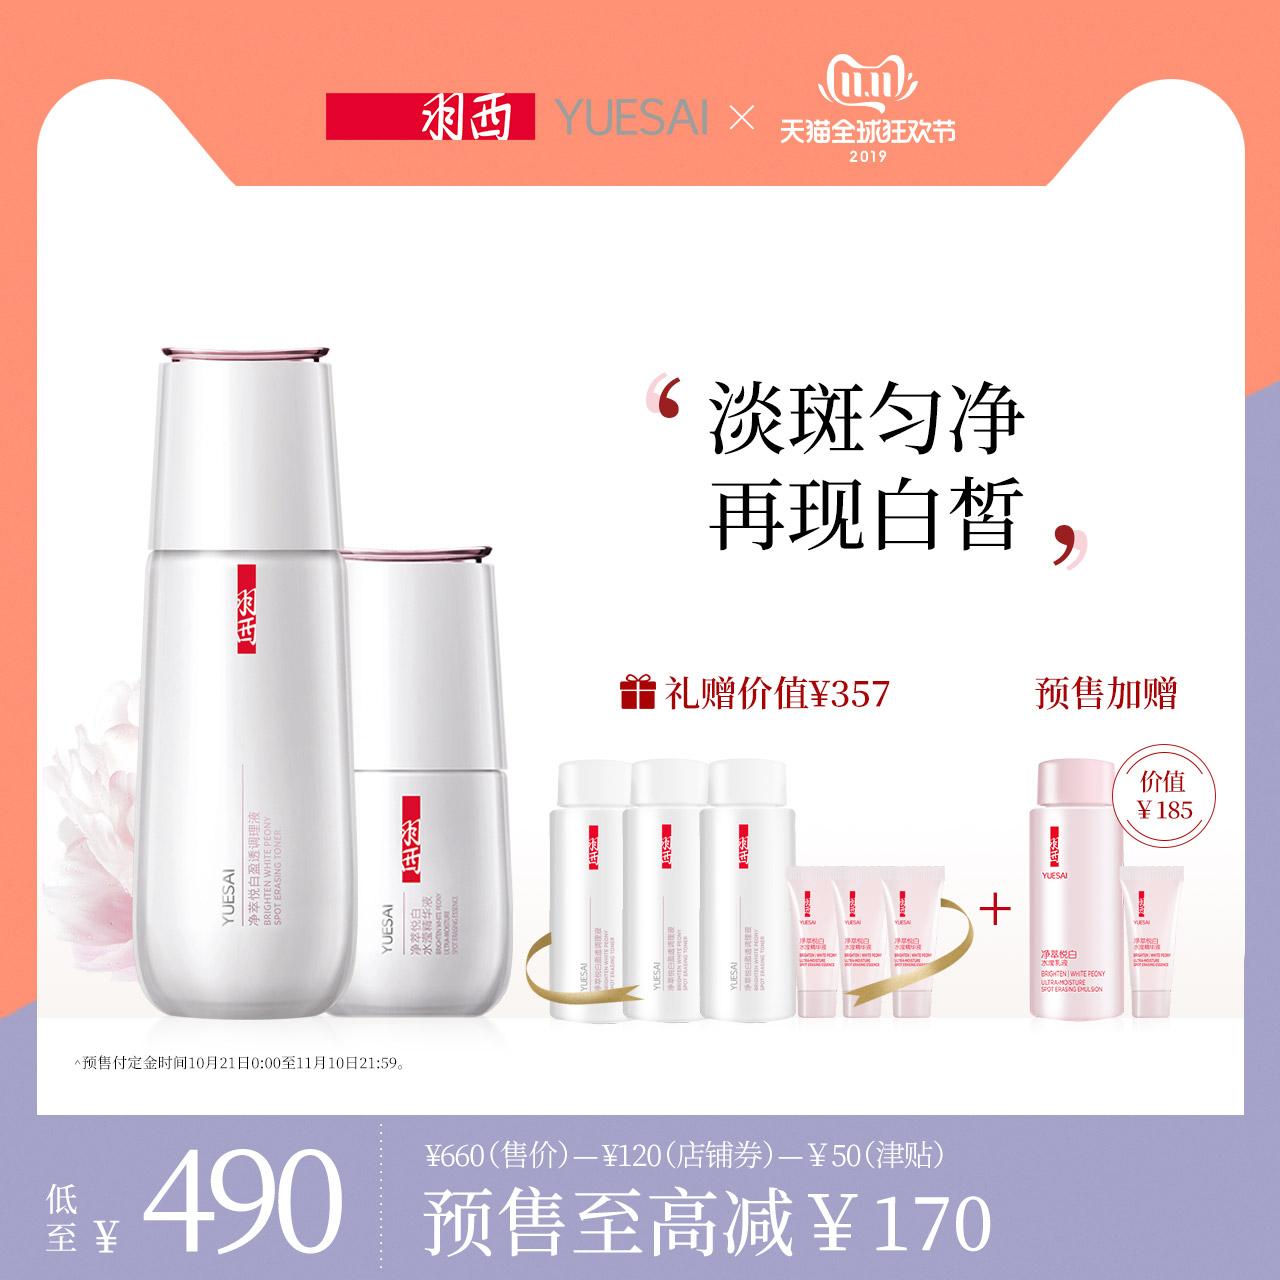 【双11预售】羽西白芍淡斑补水套装化妆品套装美白保湿精华液